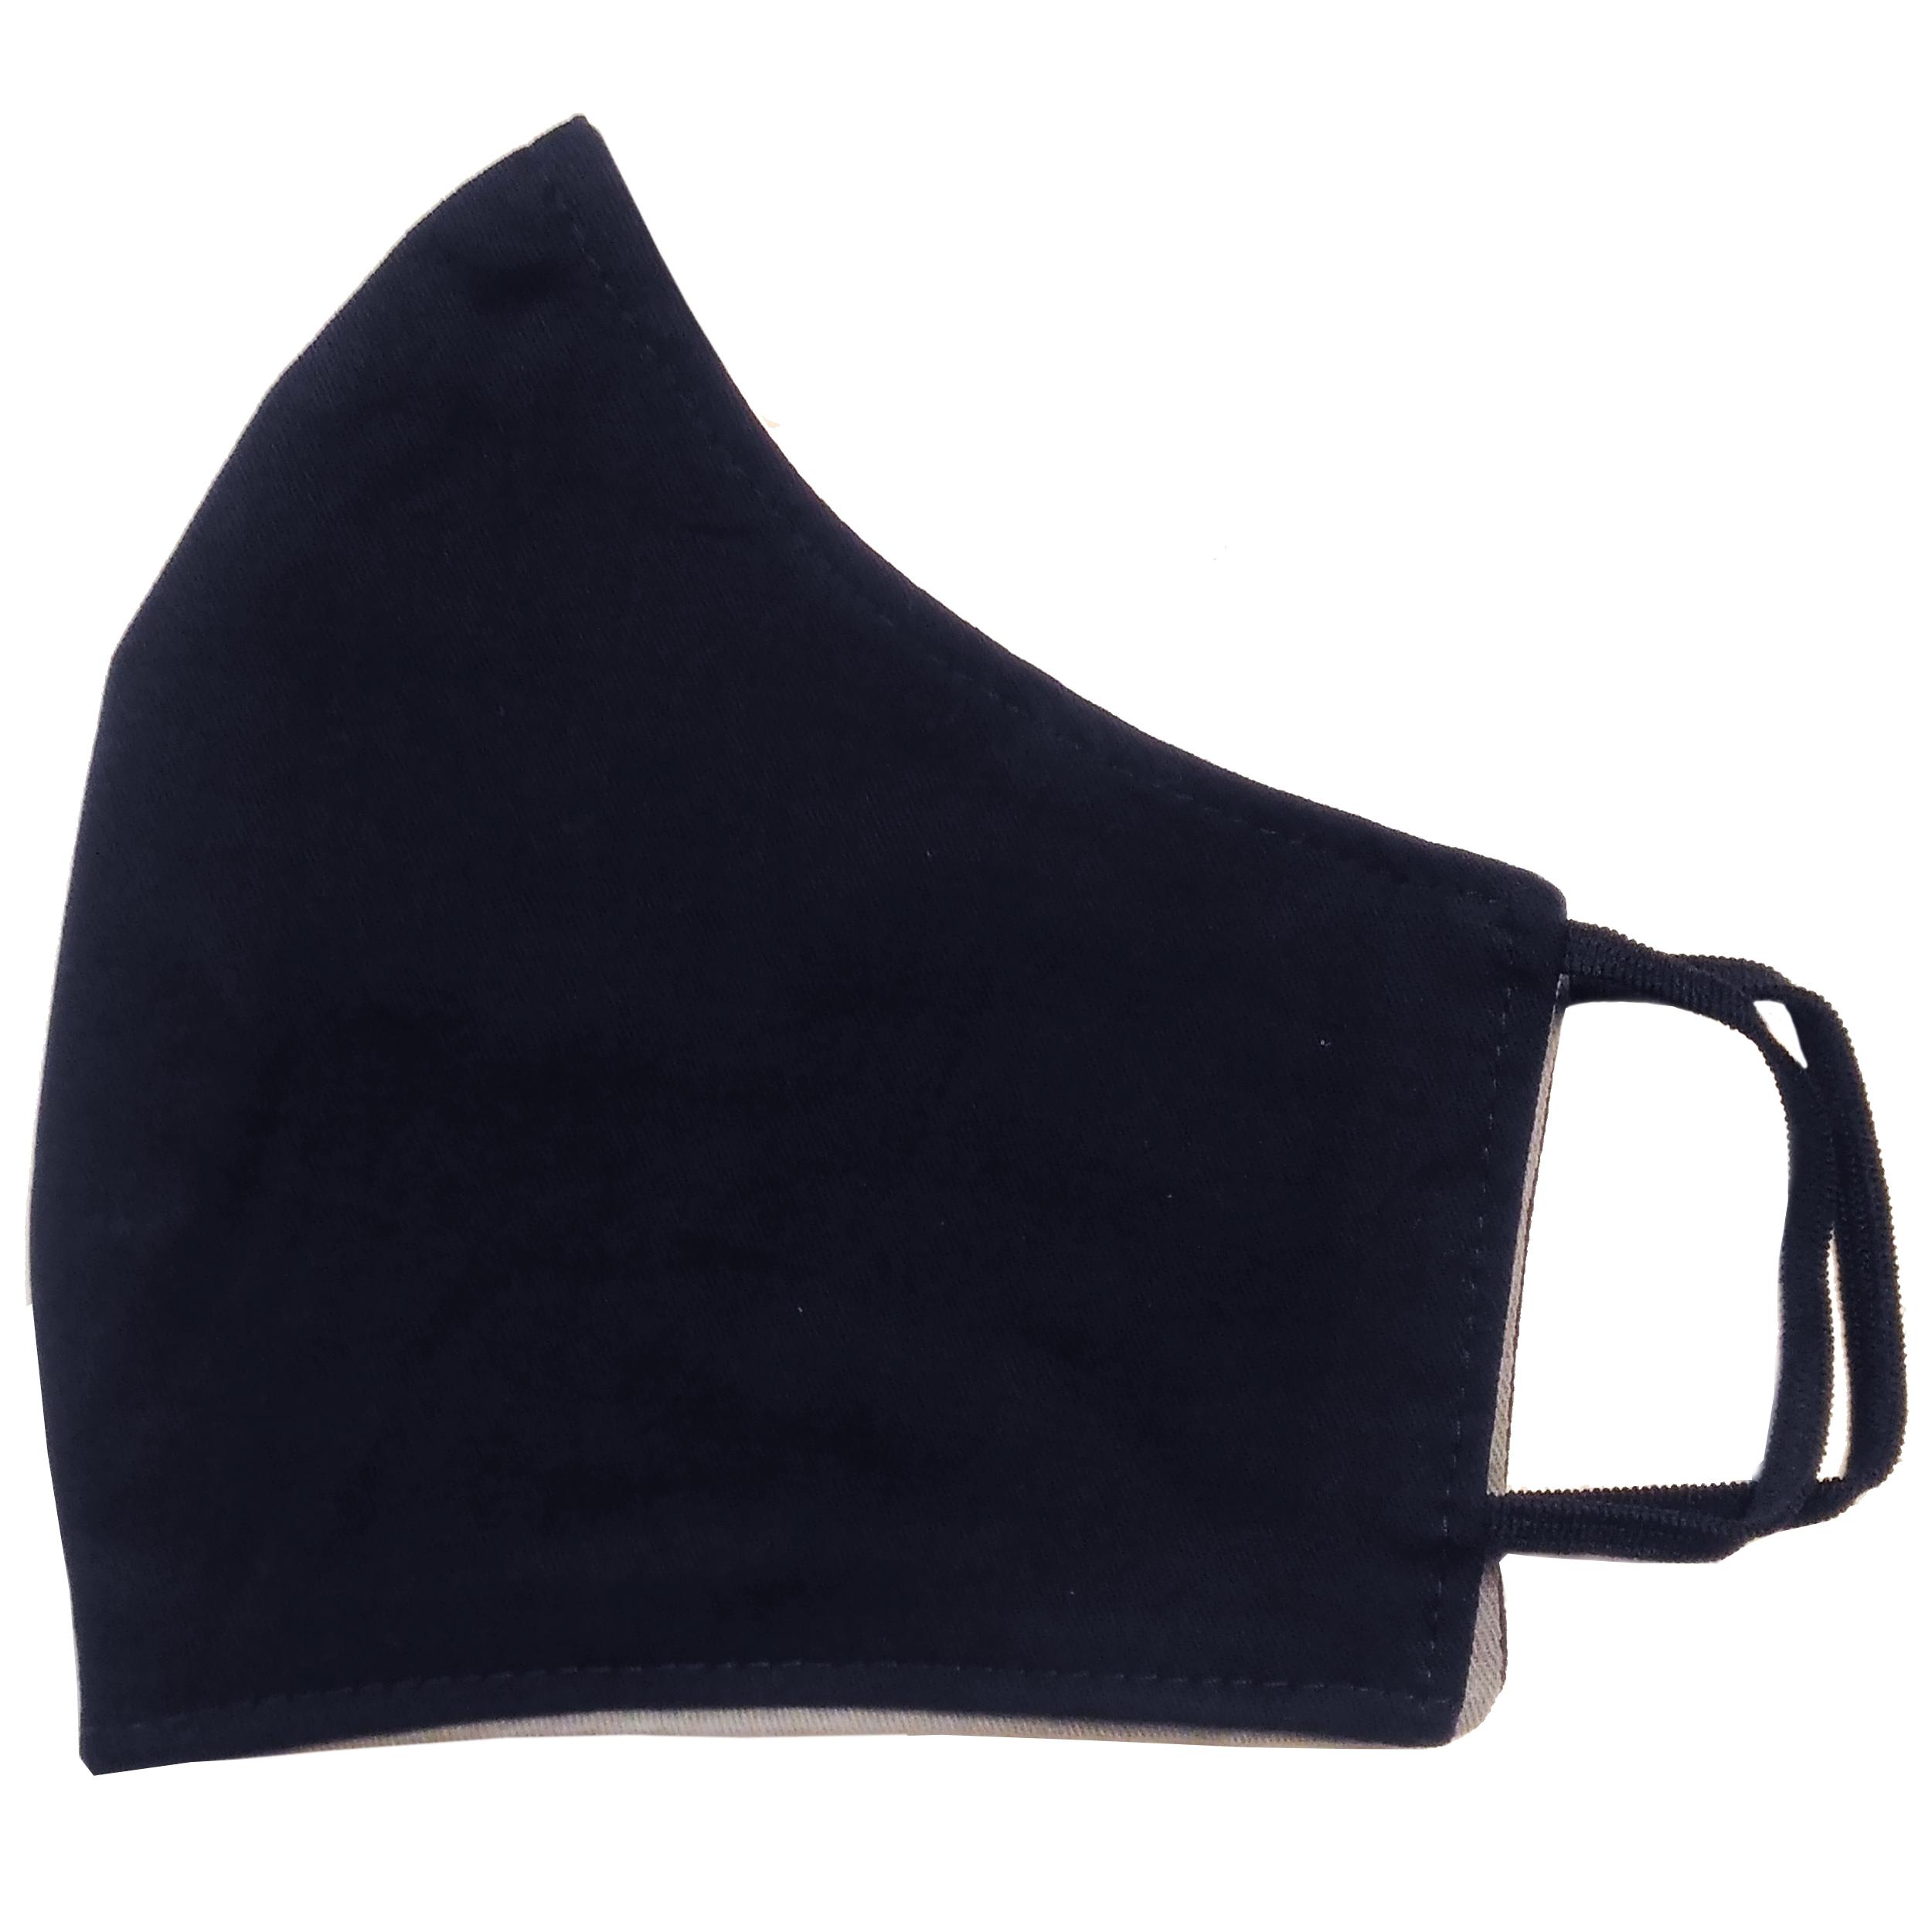 ماسک پارچه ای مدل سایه کد 06 main 1 4